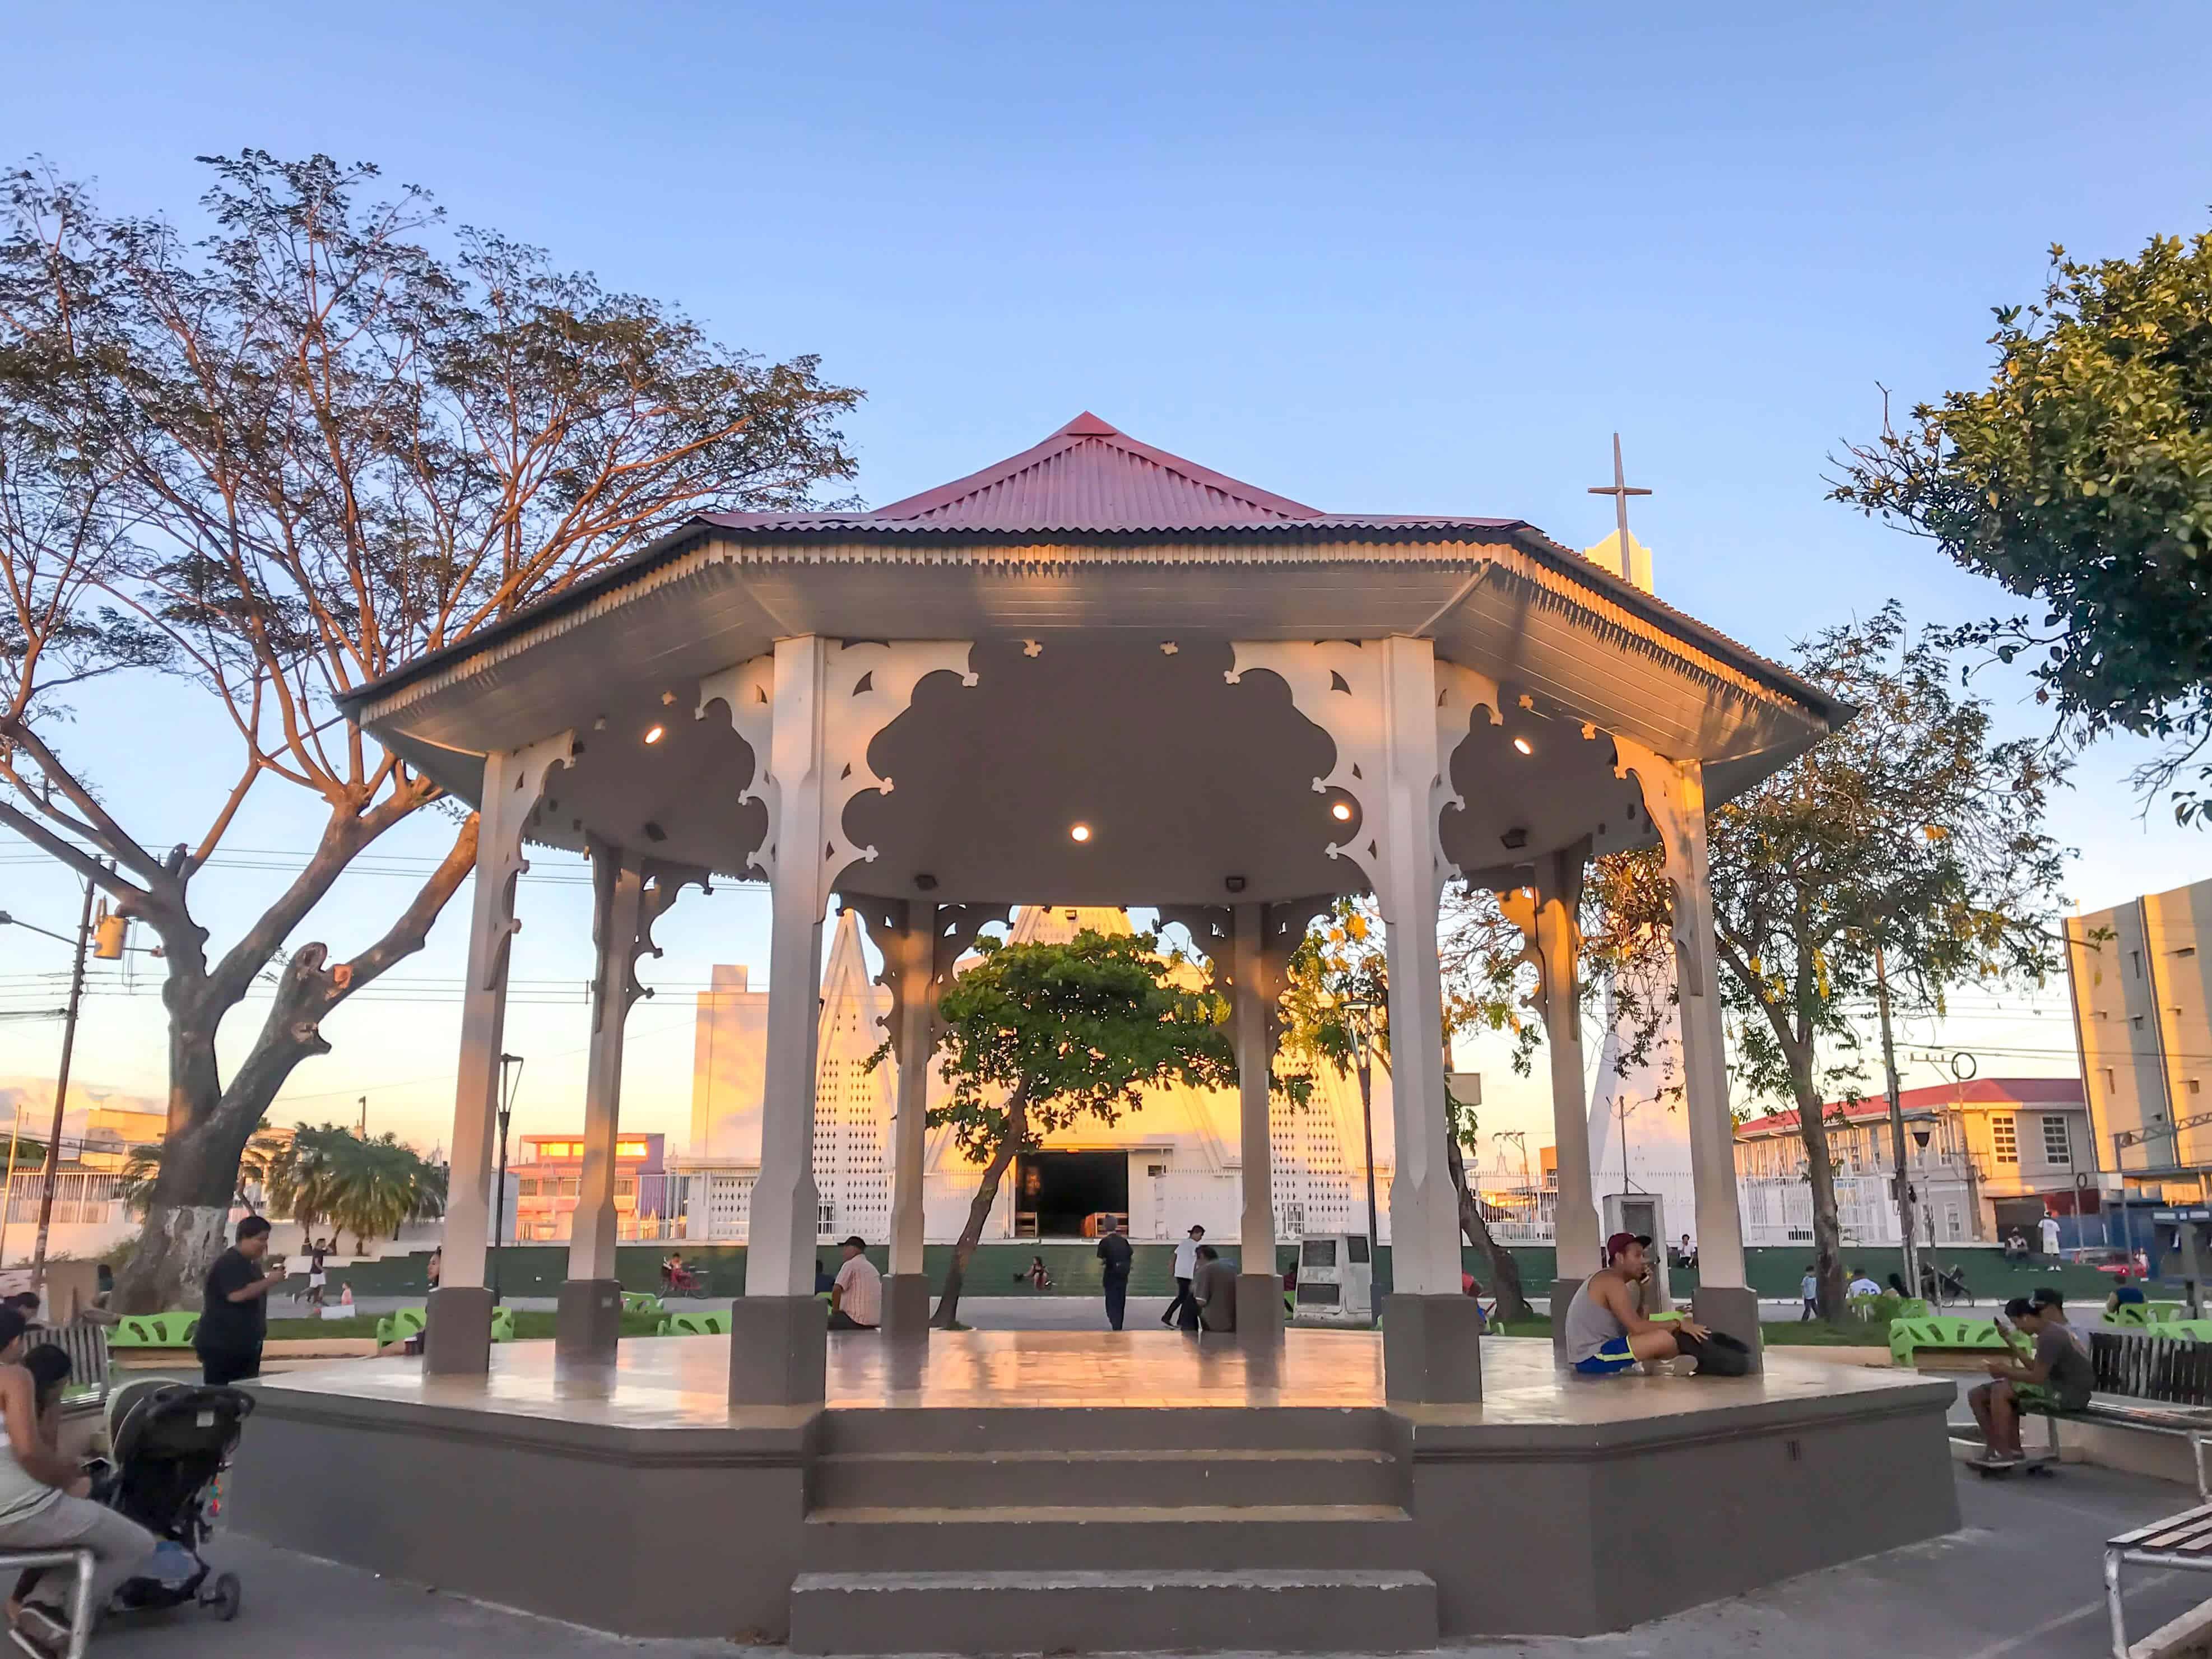 main square in Liberia, Costa Rica